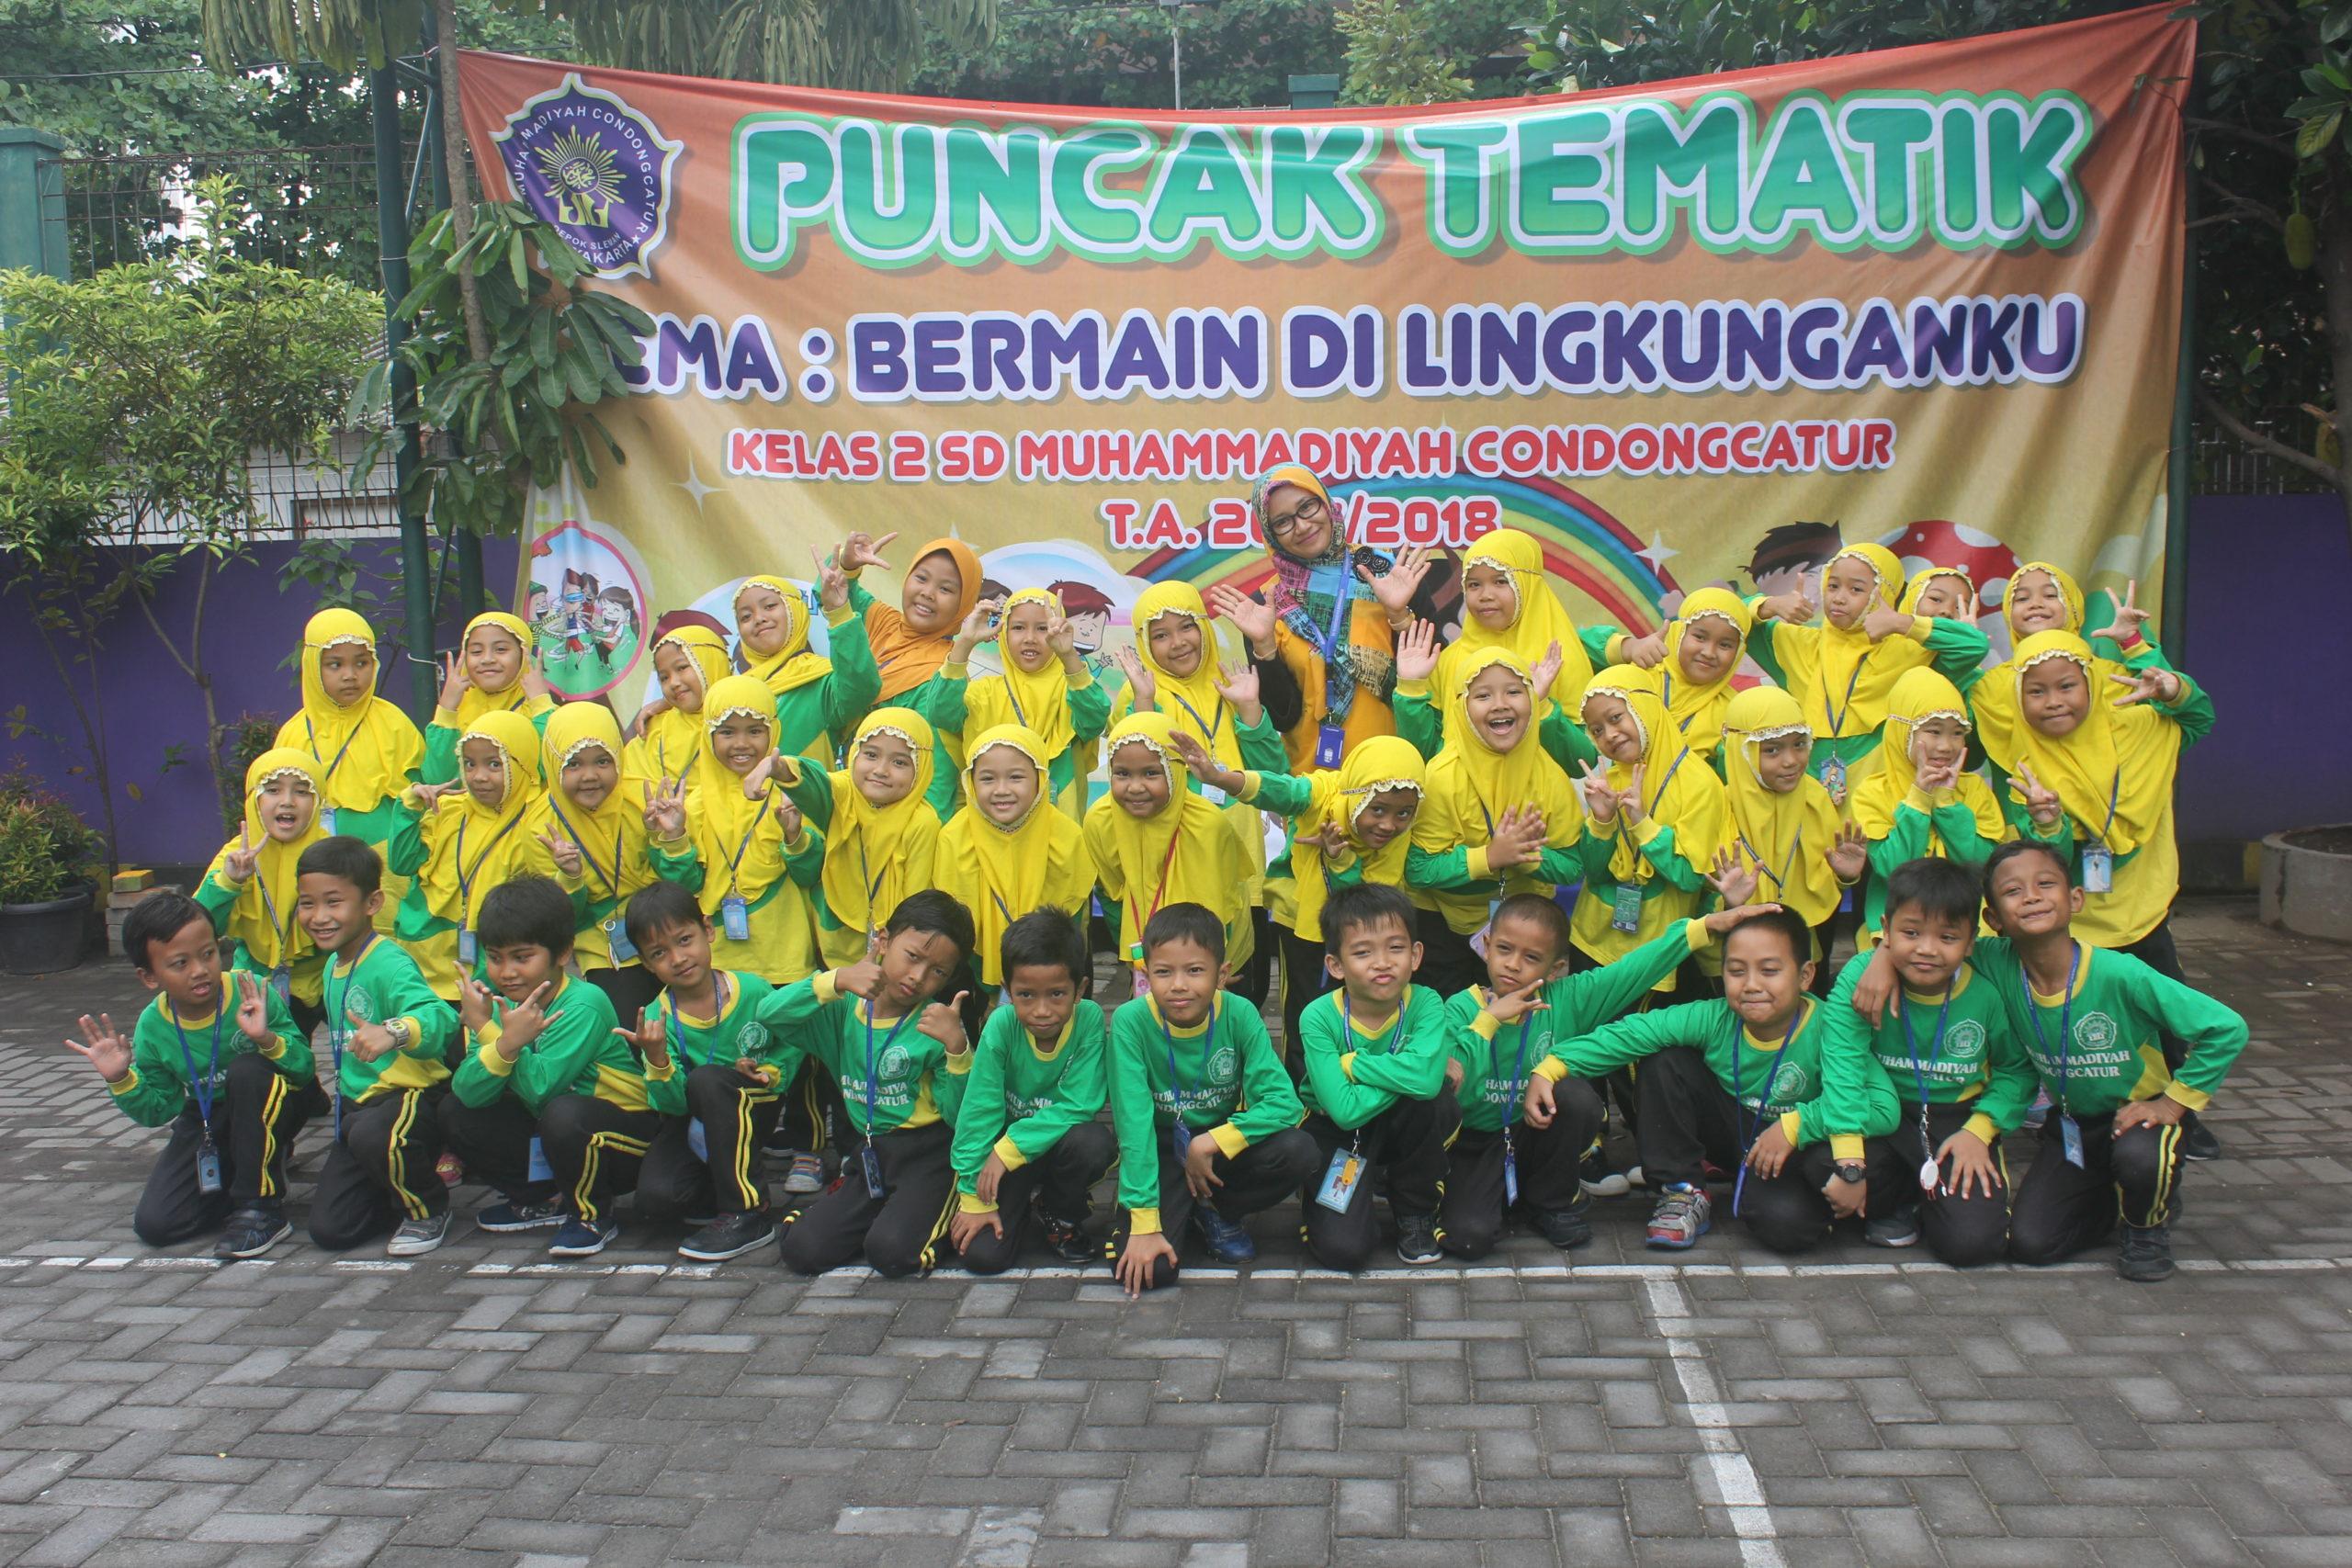 Usung Tema Bermain Di Lingkunganku, Kelas 2 SD Muhammadiyah Condongcatur Sukses Selenggarakan Puncak Tematik